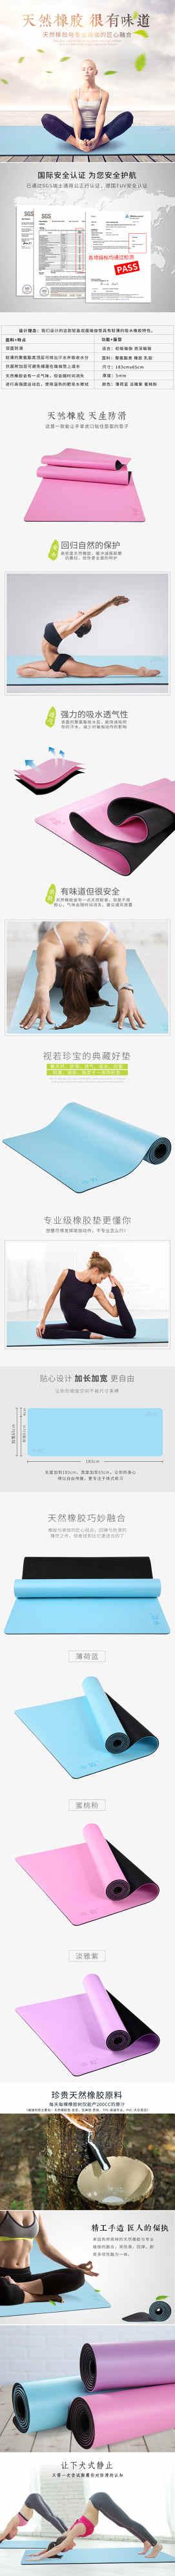 【淘寶設計】【商品詳情】天然橡膠瑜伽墊